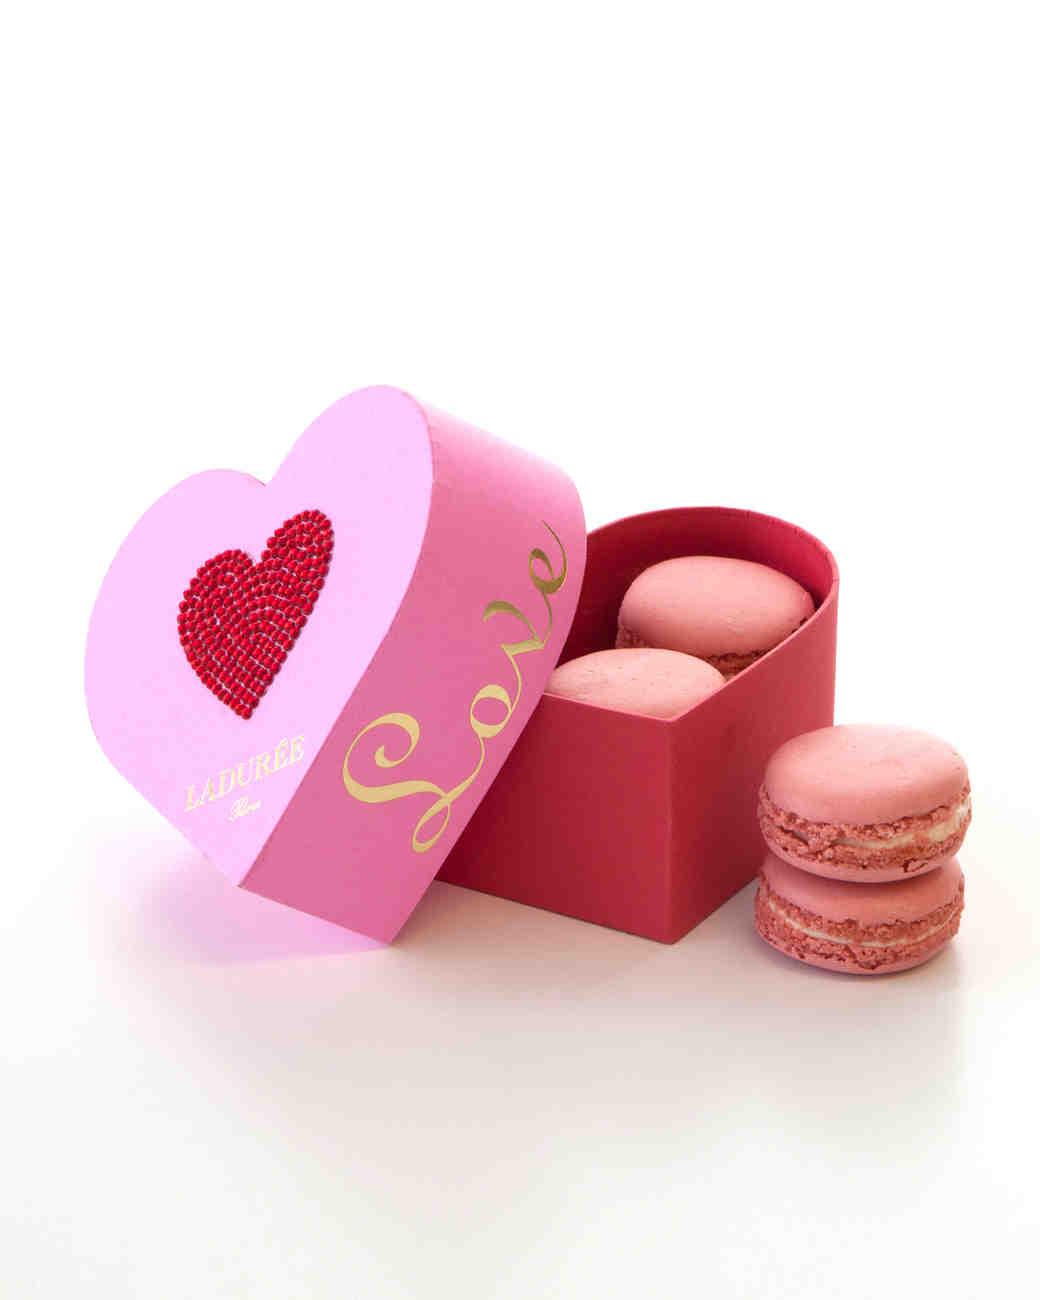 laduree-macarons-gift-guide-4314-d111898.jpg